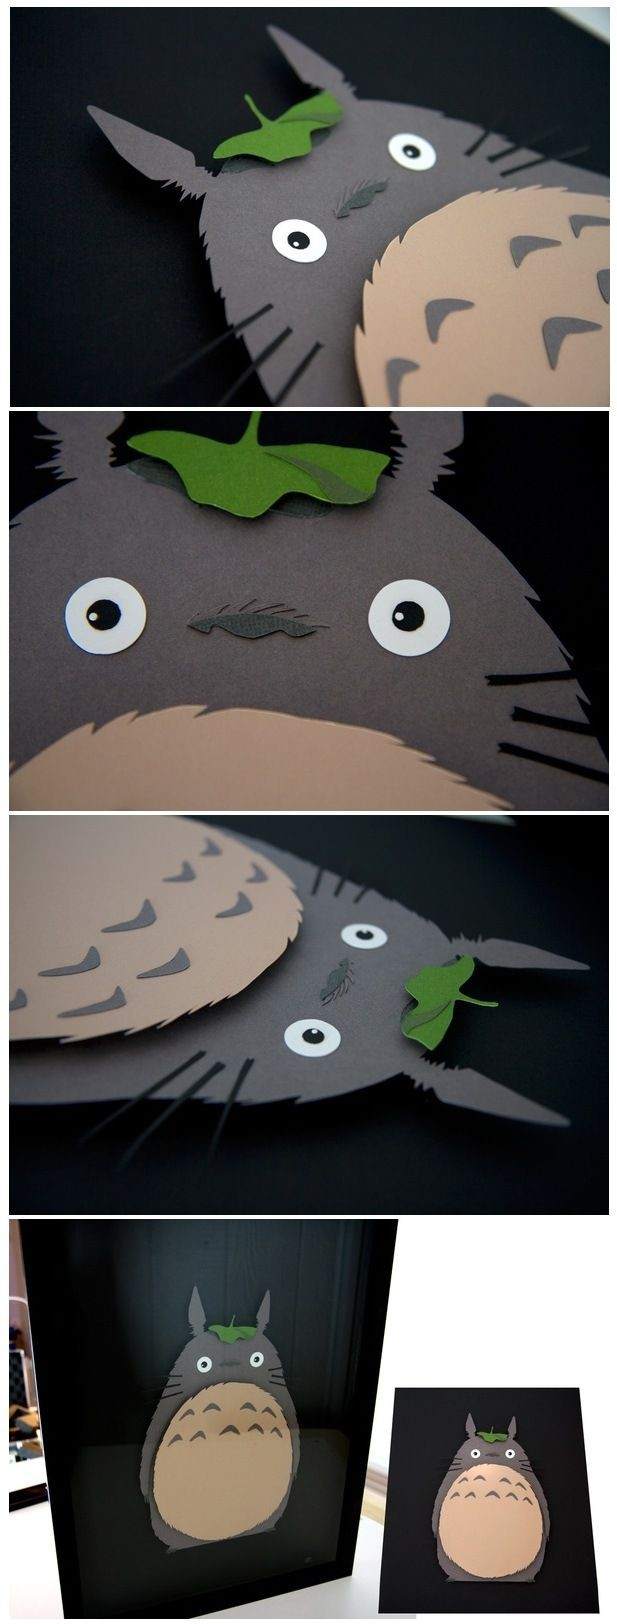 """Ghibli Papercraft totoro"""" Studio Ghibli 3d Hand Cut Paper Craft by Pigg"""